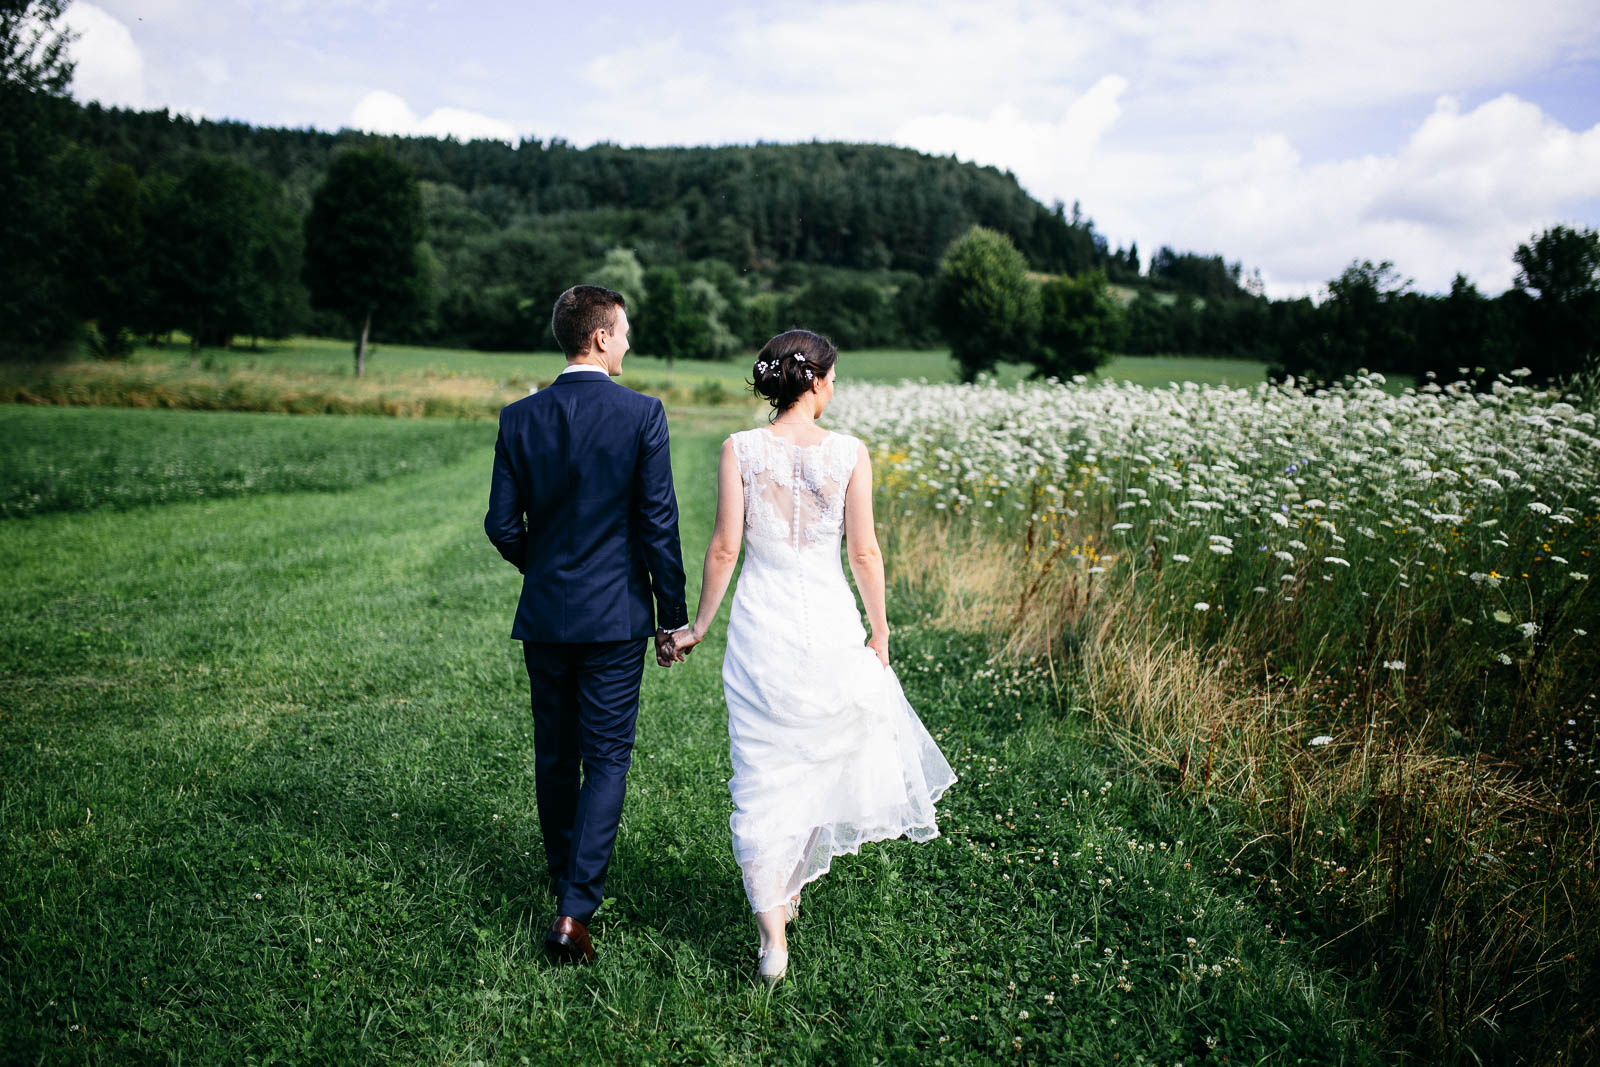 foxografie_hochzeitstreportage_shooting_sommer_wedding_wiese_img_0568